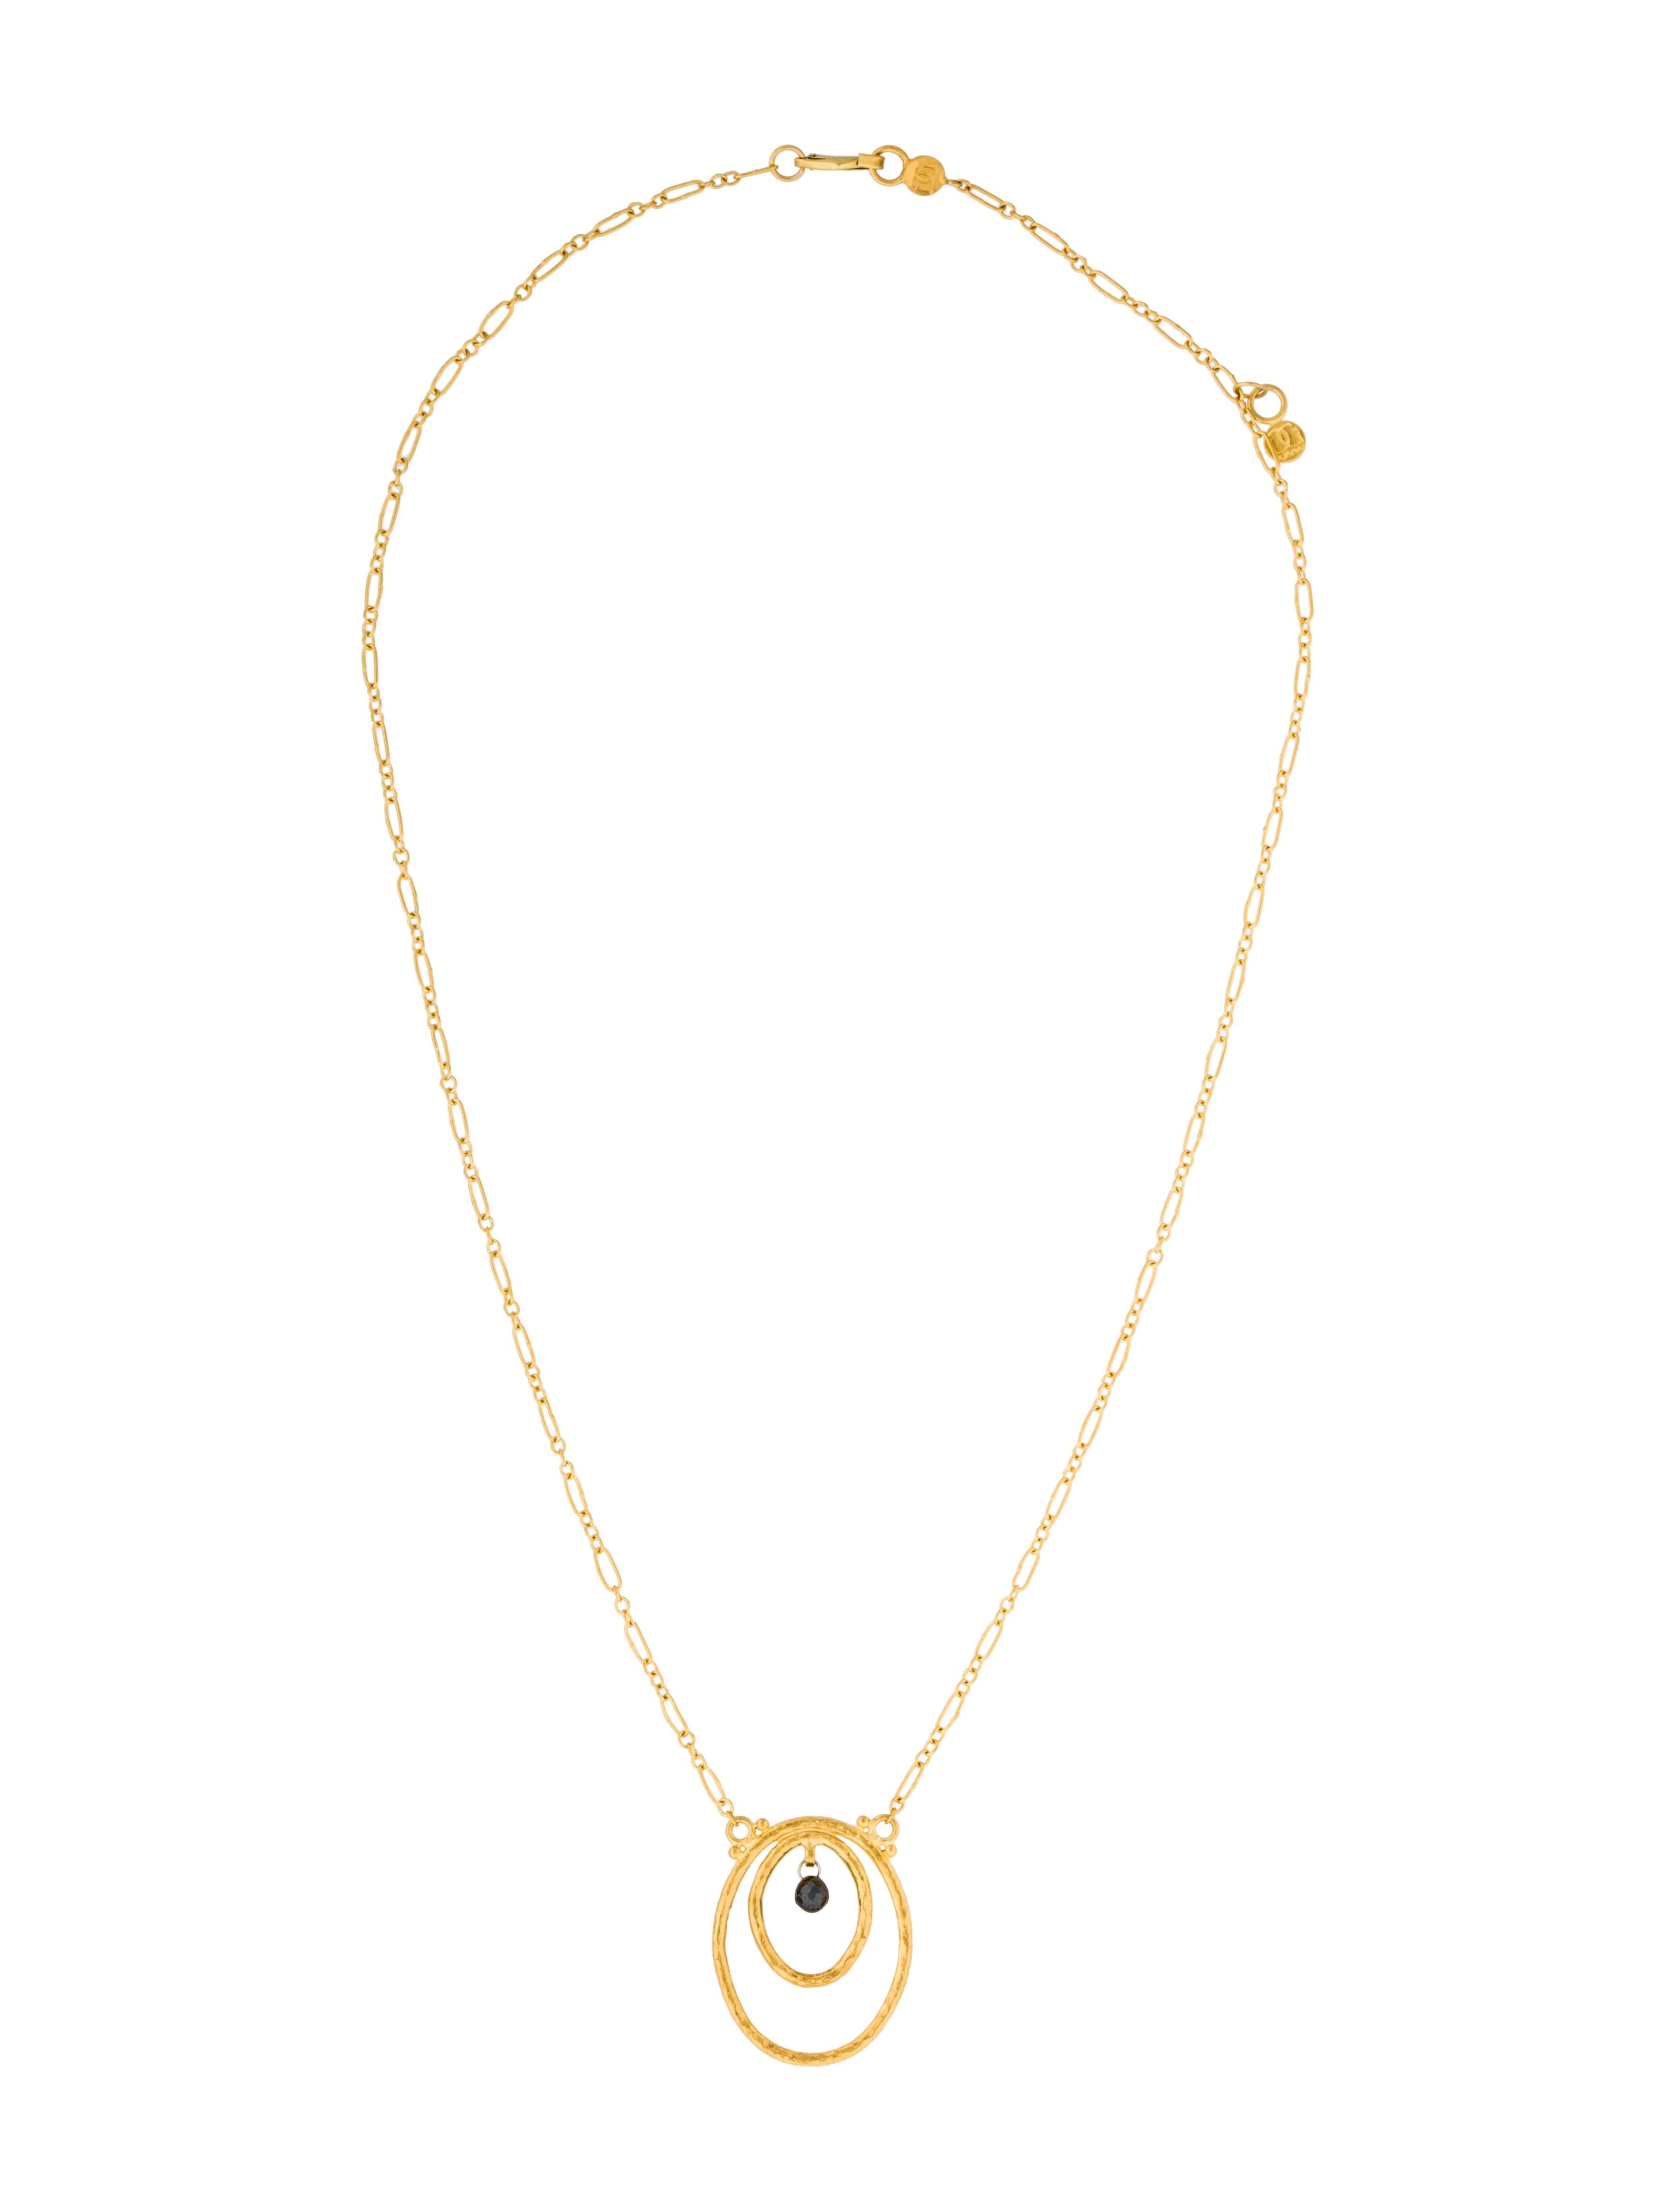 Gurhan Glow Double Oval Black Diamond Pendant Necklace Necklaces